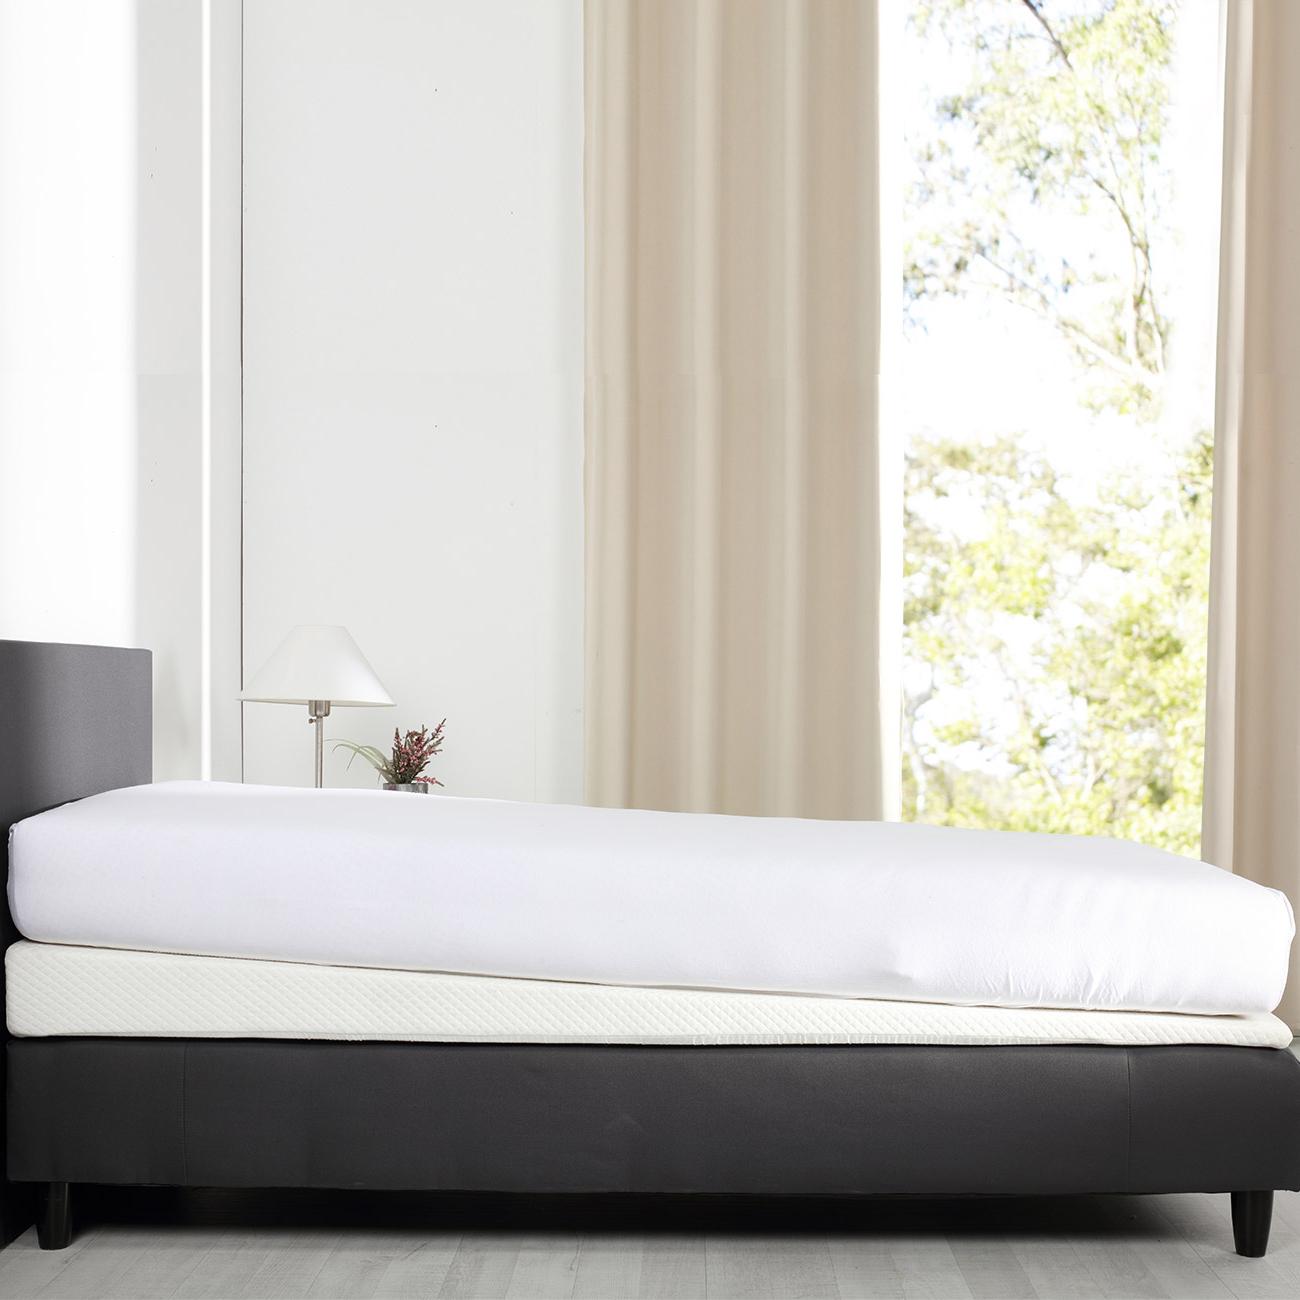 Verwenden Sie den Keil unter Ihrer Matratze um eine gesunde Schräglage der Matratze zu erzeugen.